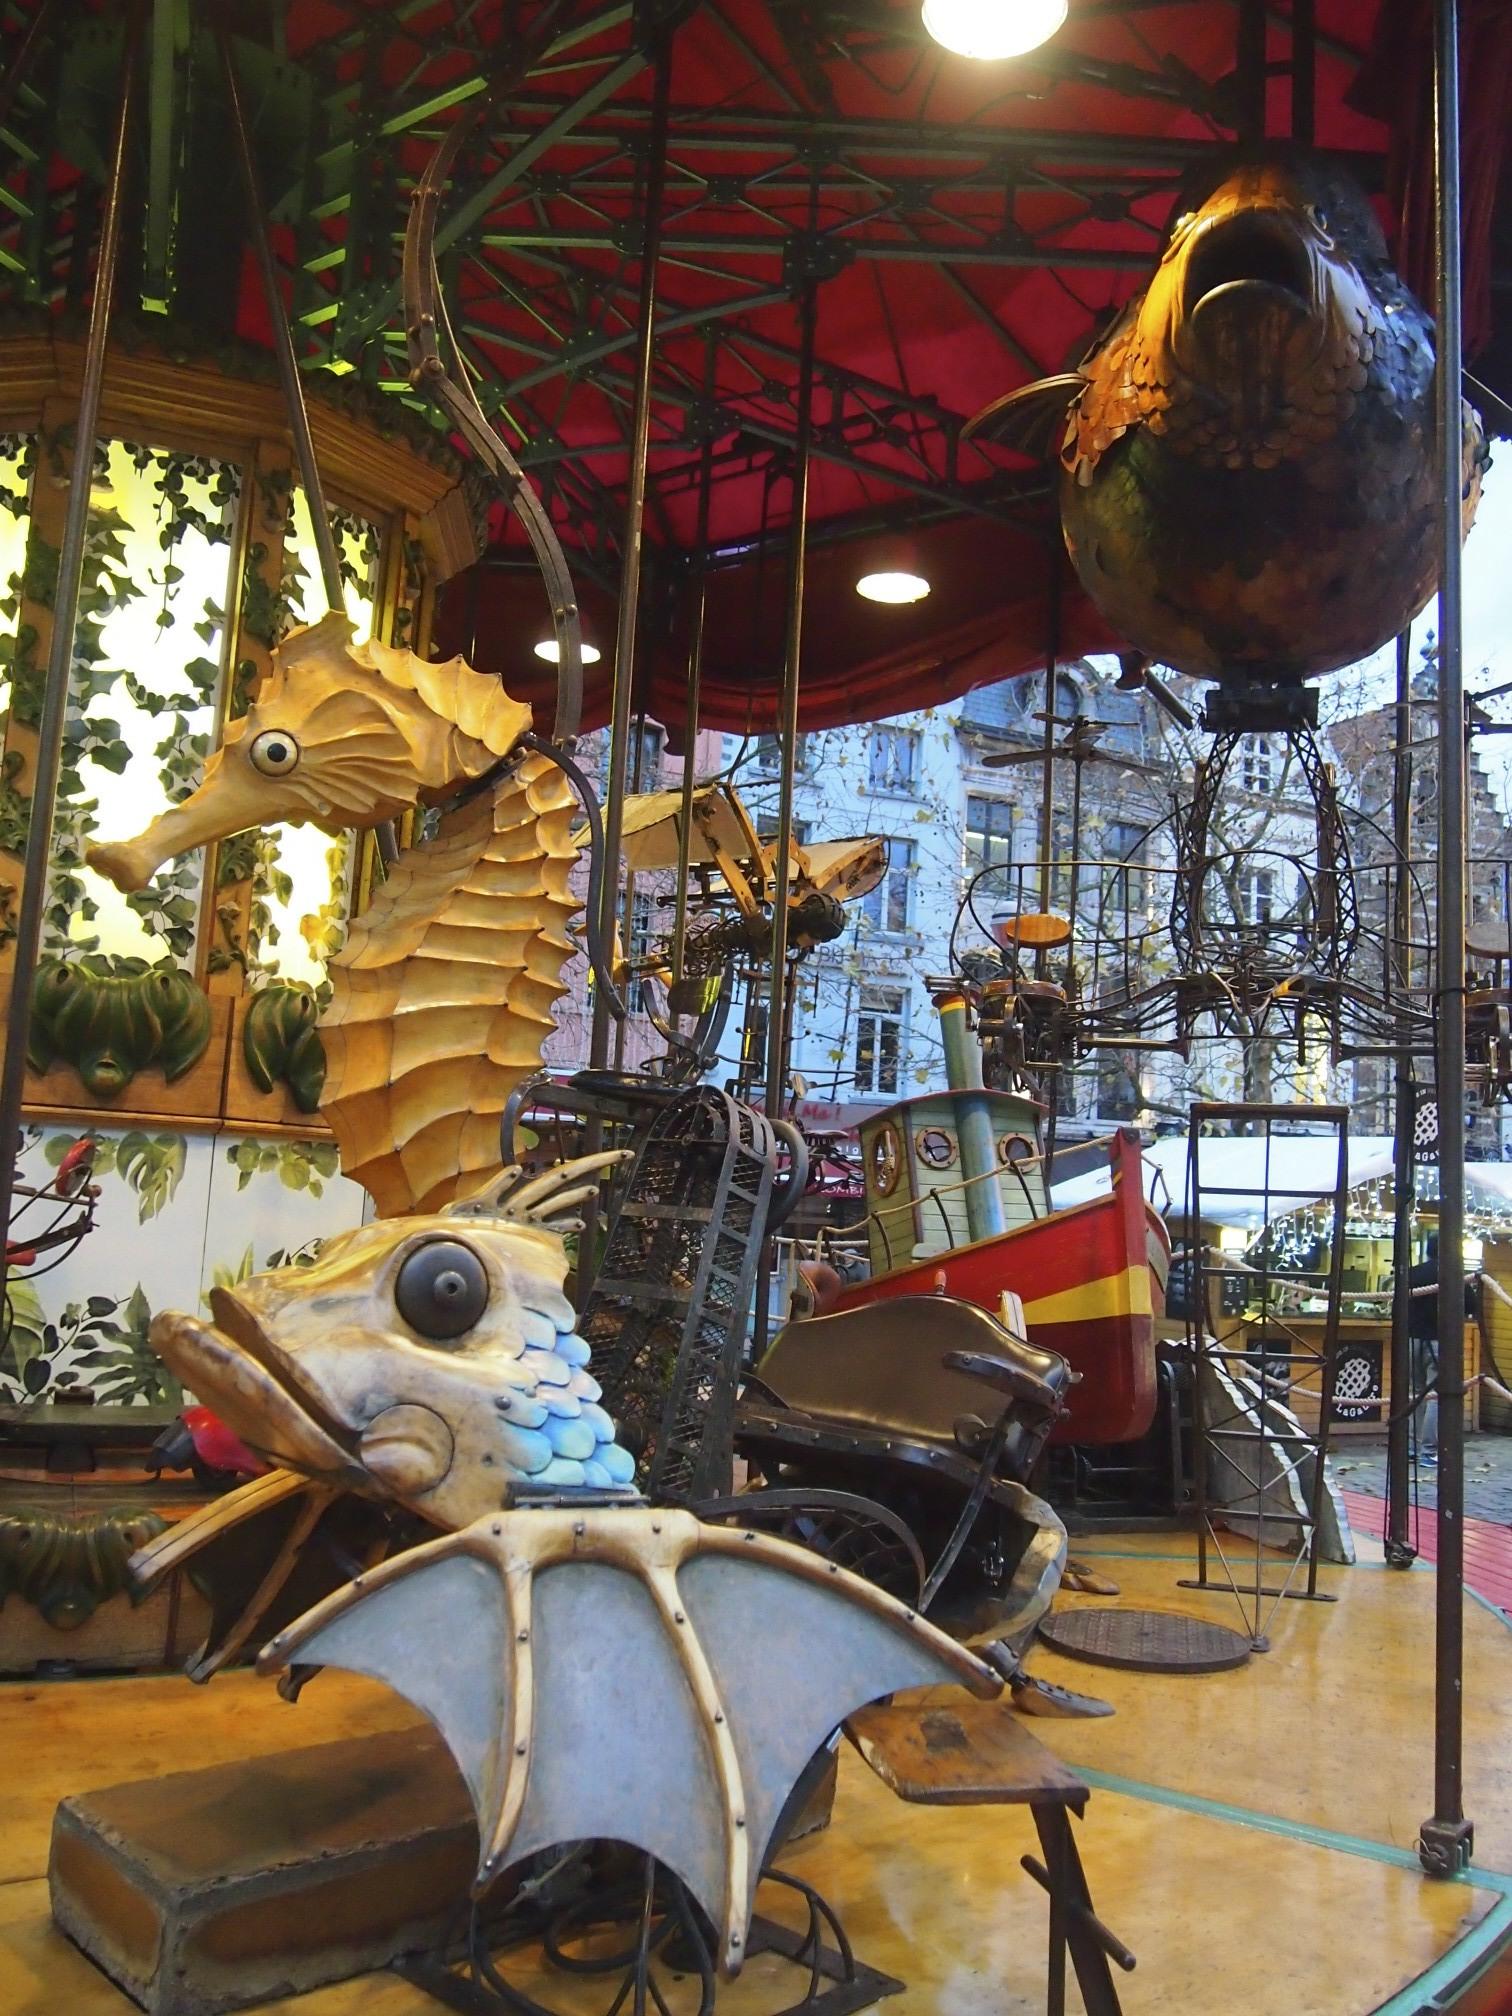 Retro artistic merry go round in brussel photo